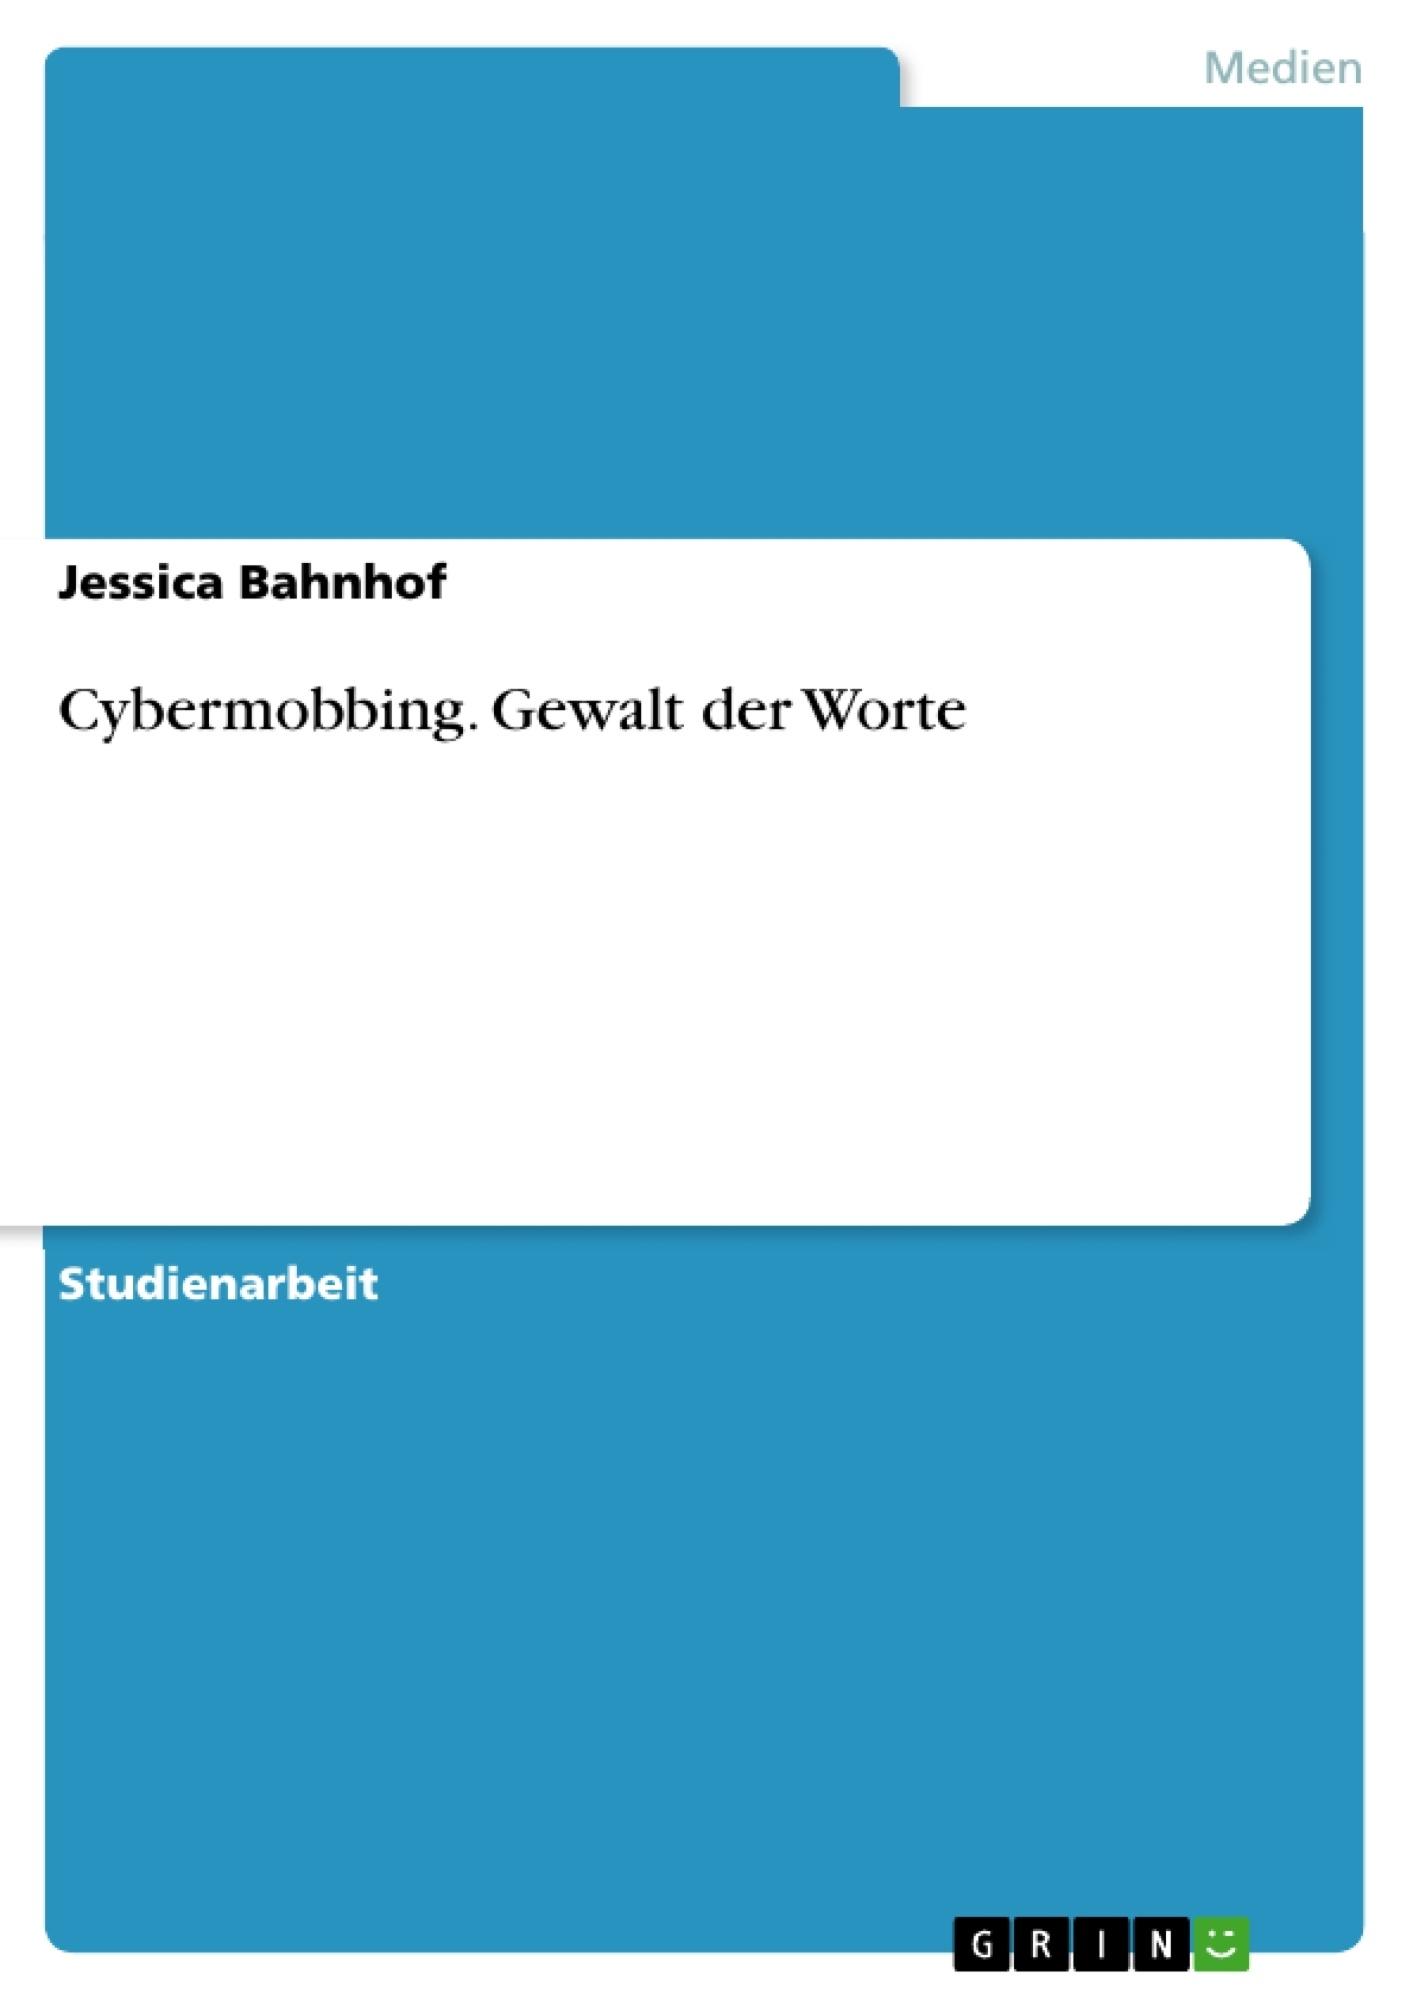 Titel: Cybermobbing. Gewalt der Worte